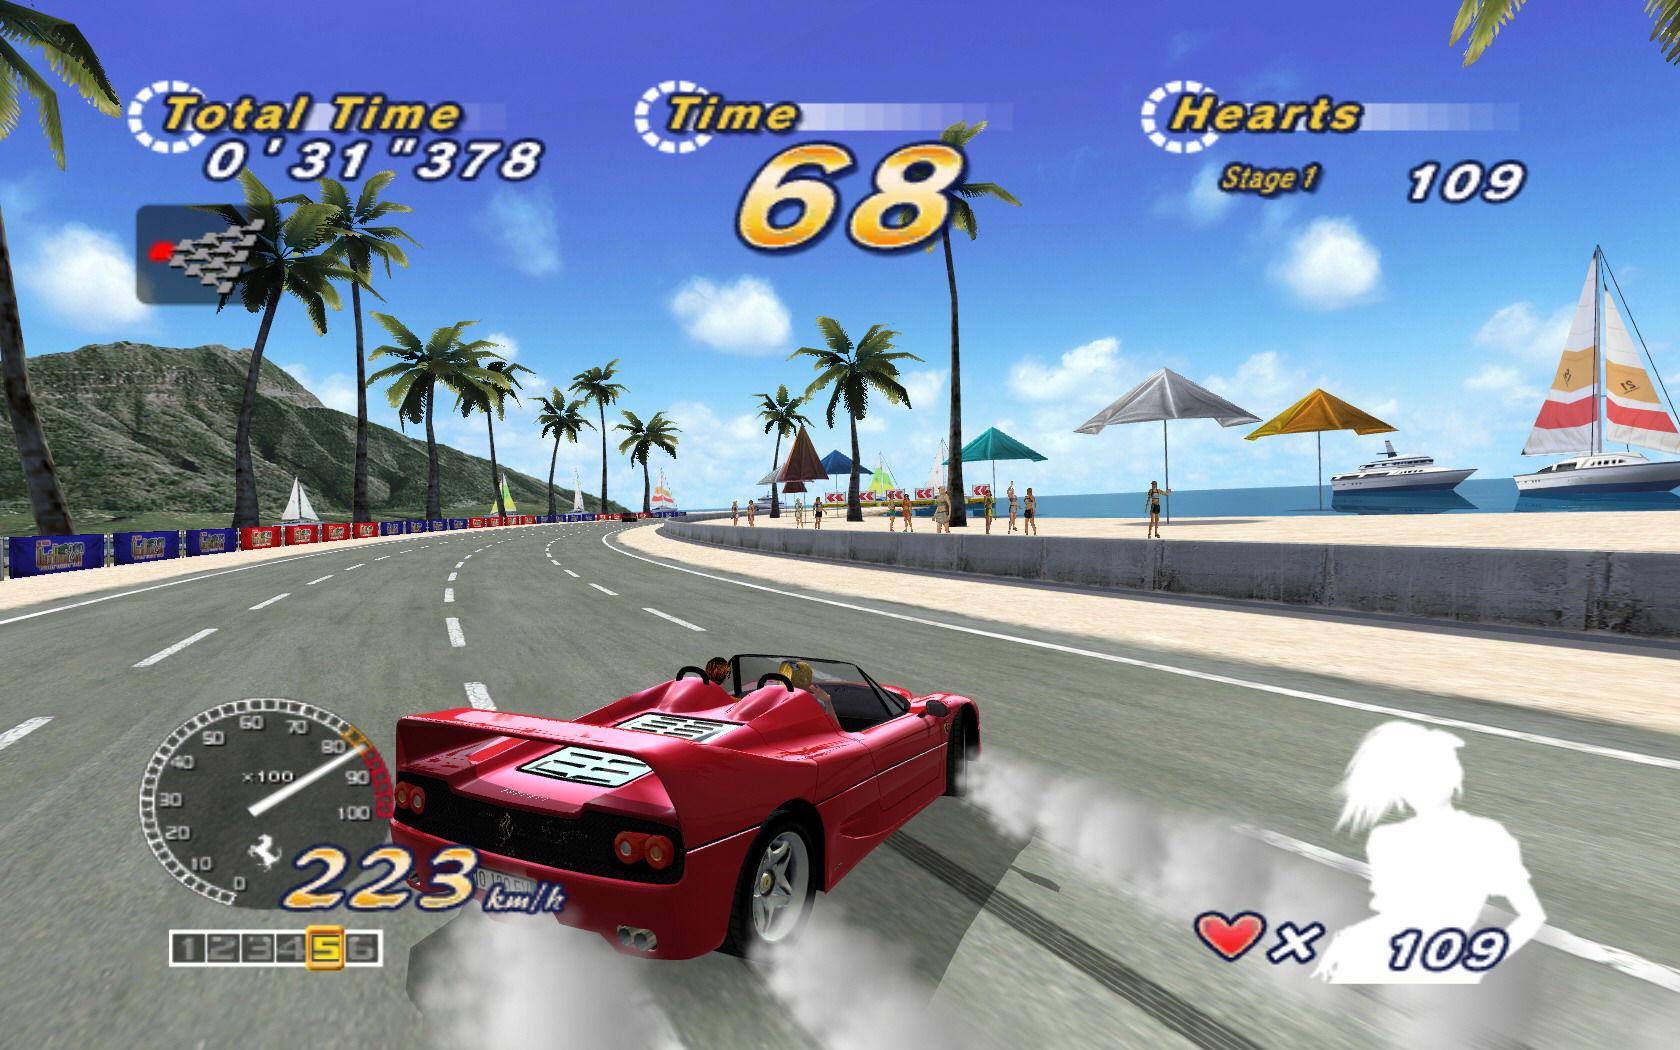 outrun 2006 3 - Game cũ mà hay: OutRun 2006 - Coast 2 Coast